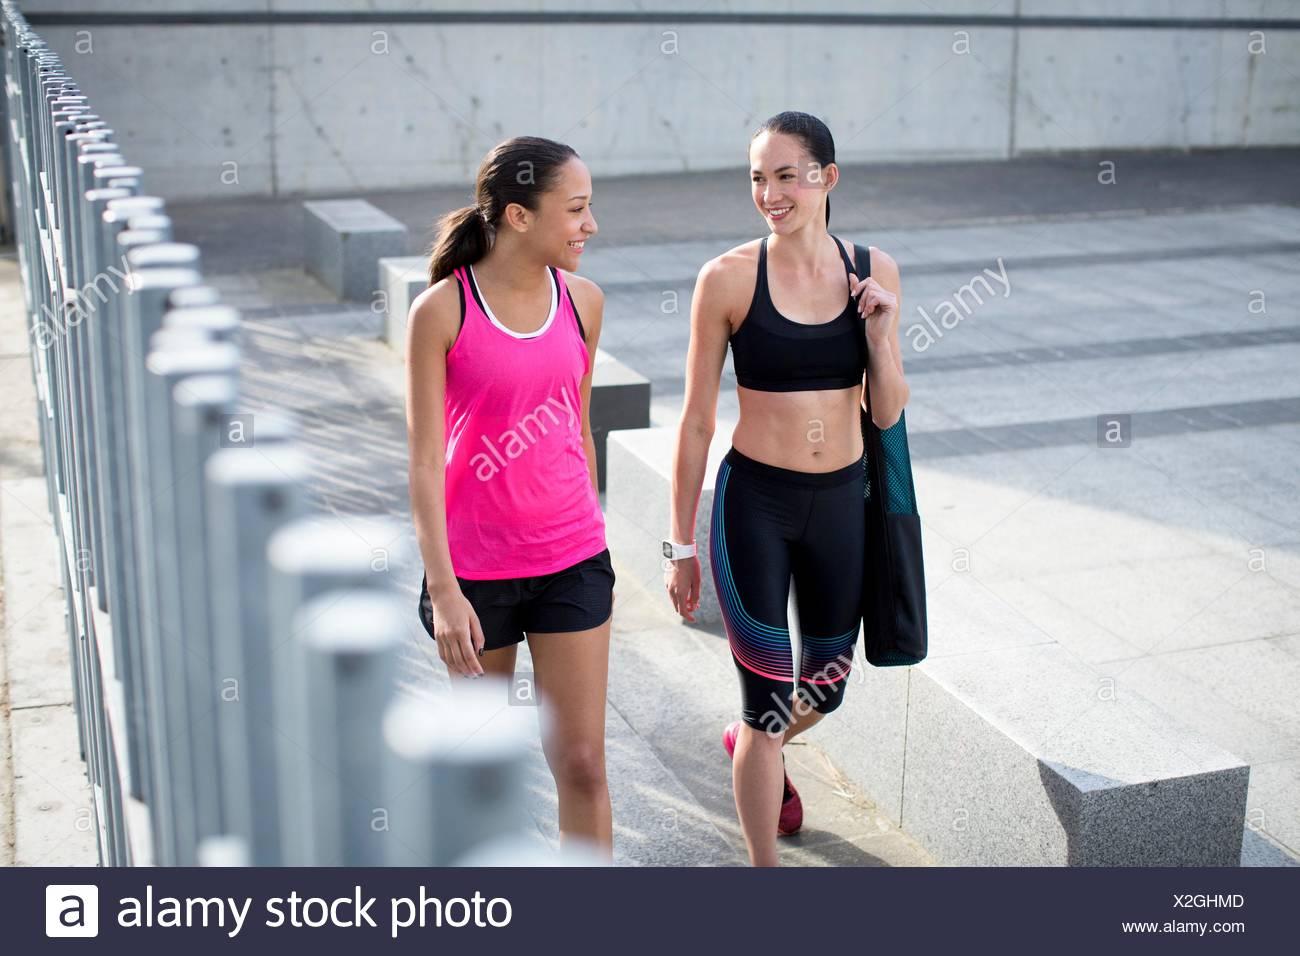 Modelo liberado. Dos jóvenes mujeres en ropa deportiva, sonriendo. Imagen De Stock